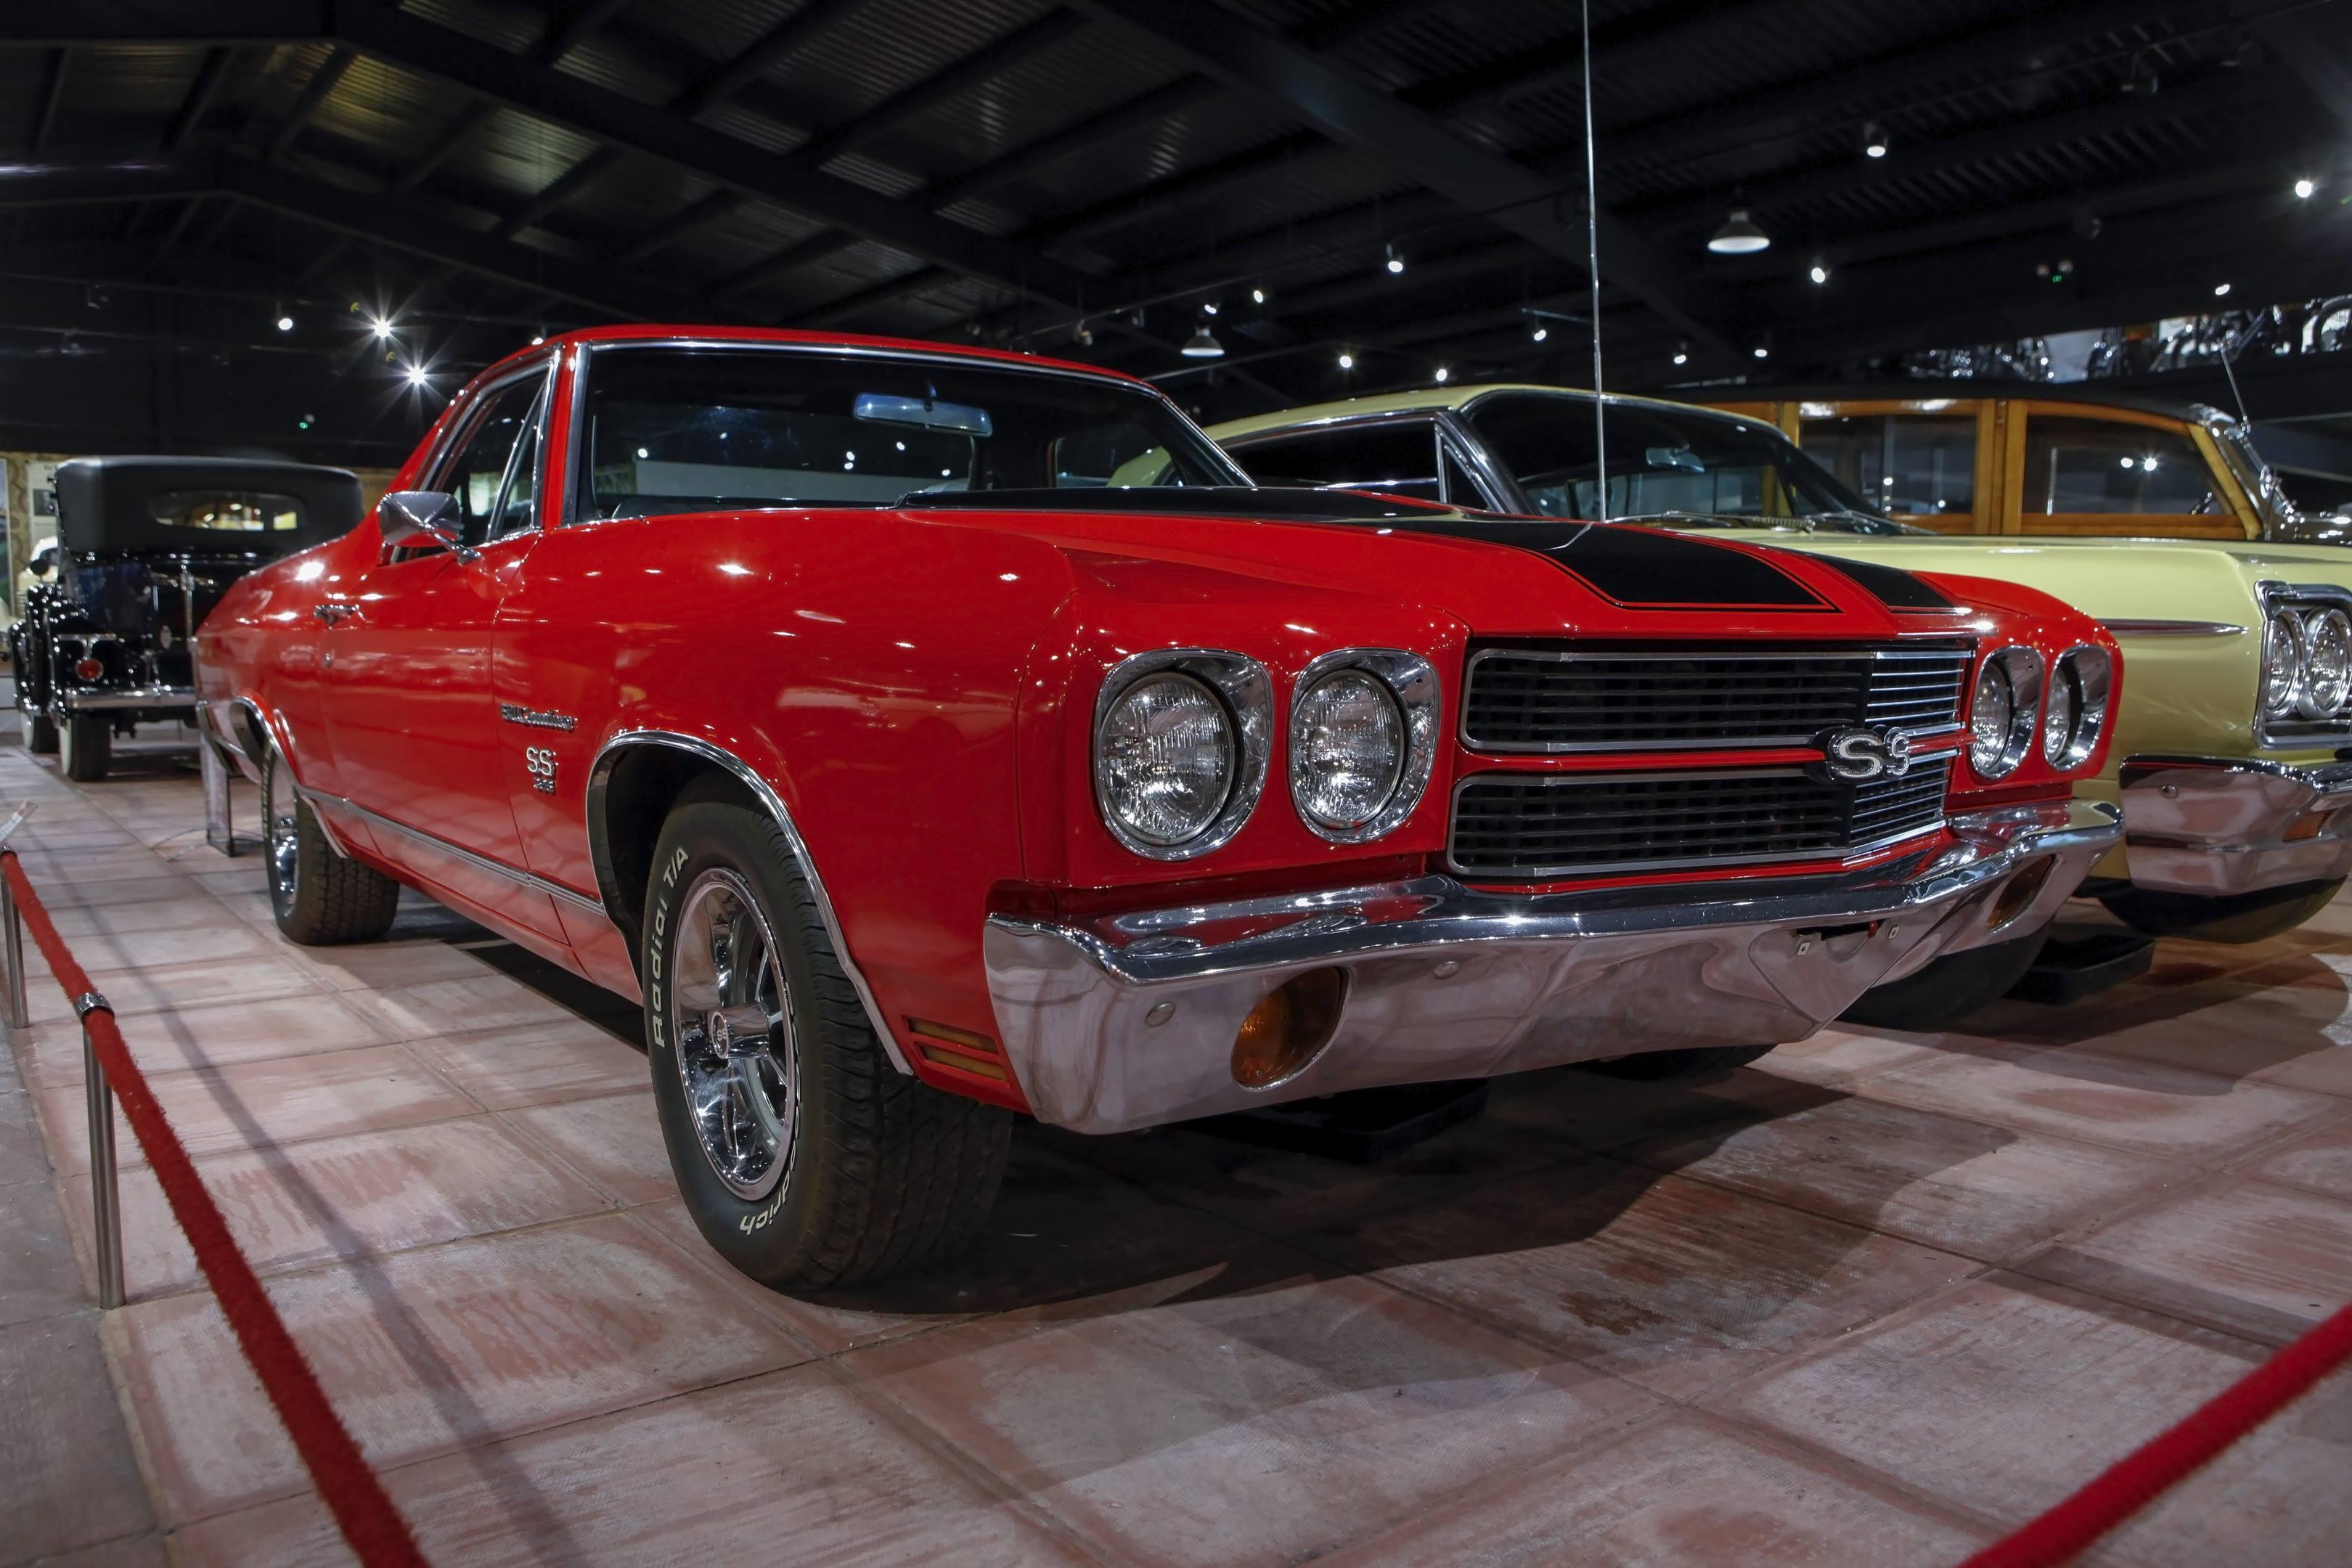 Chevrolet El Camino SS red haynes museum